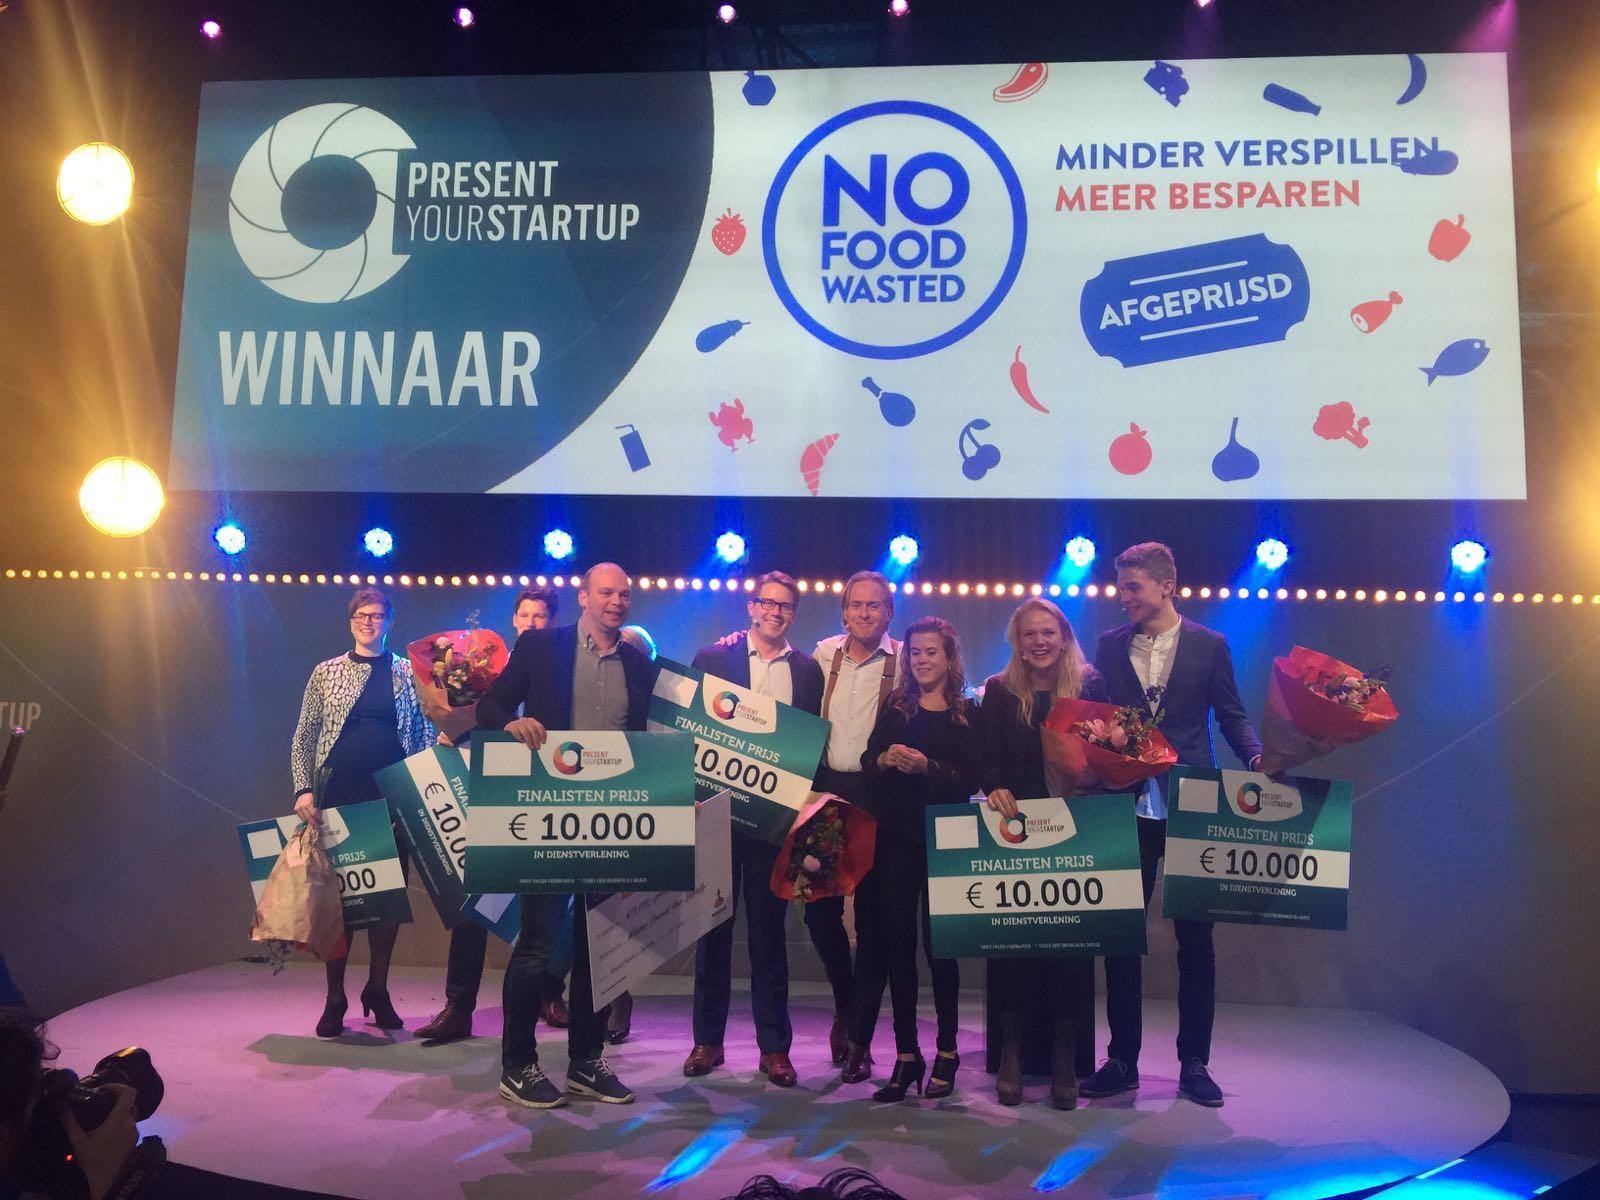 Finalisten 2016 met August de Vocht van NoFoodWasted in het midden.